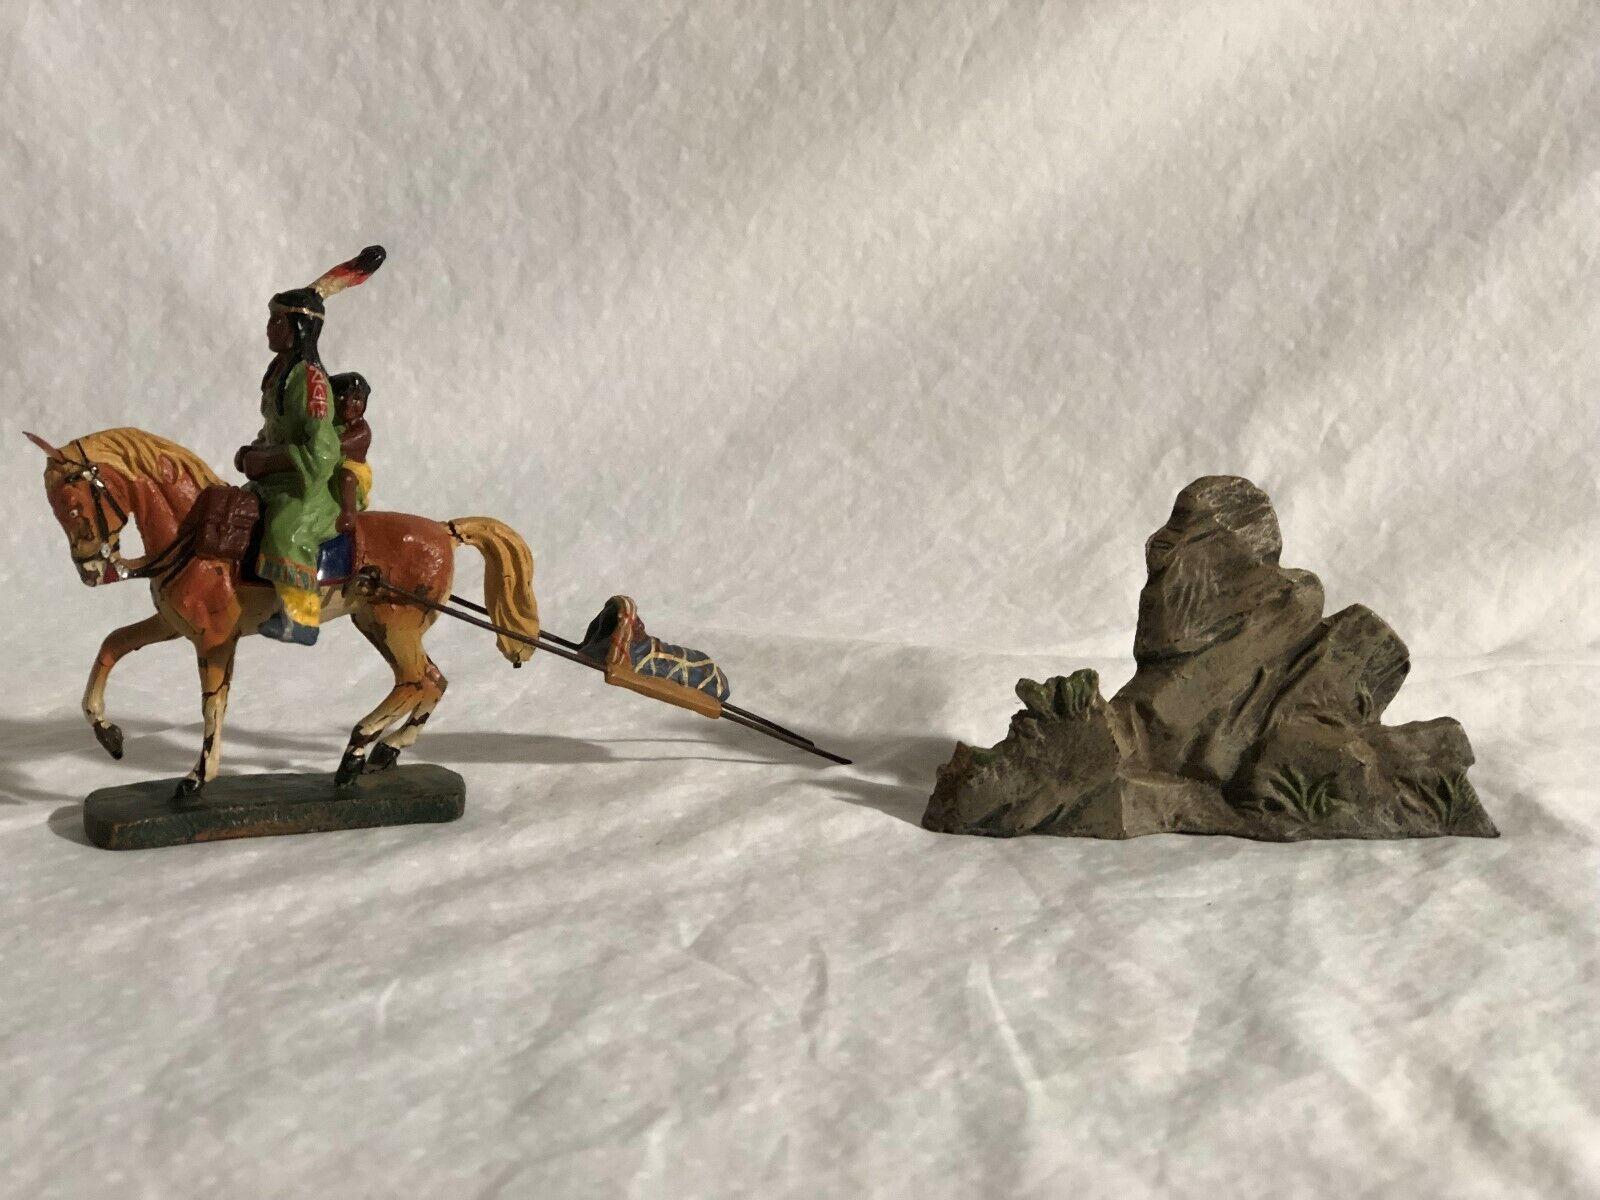 Elastolin Indianer DaSie auf Pferderücken Ziehung Baby